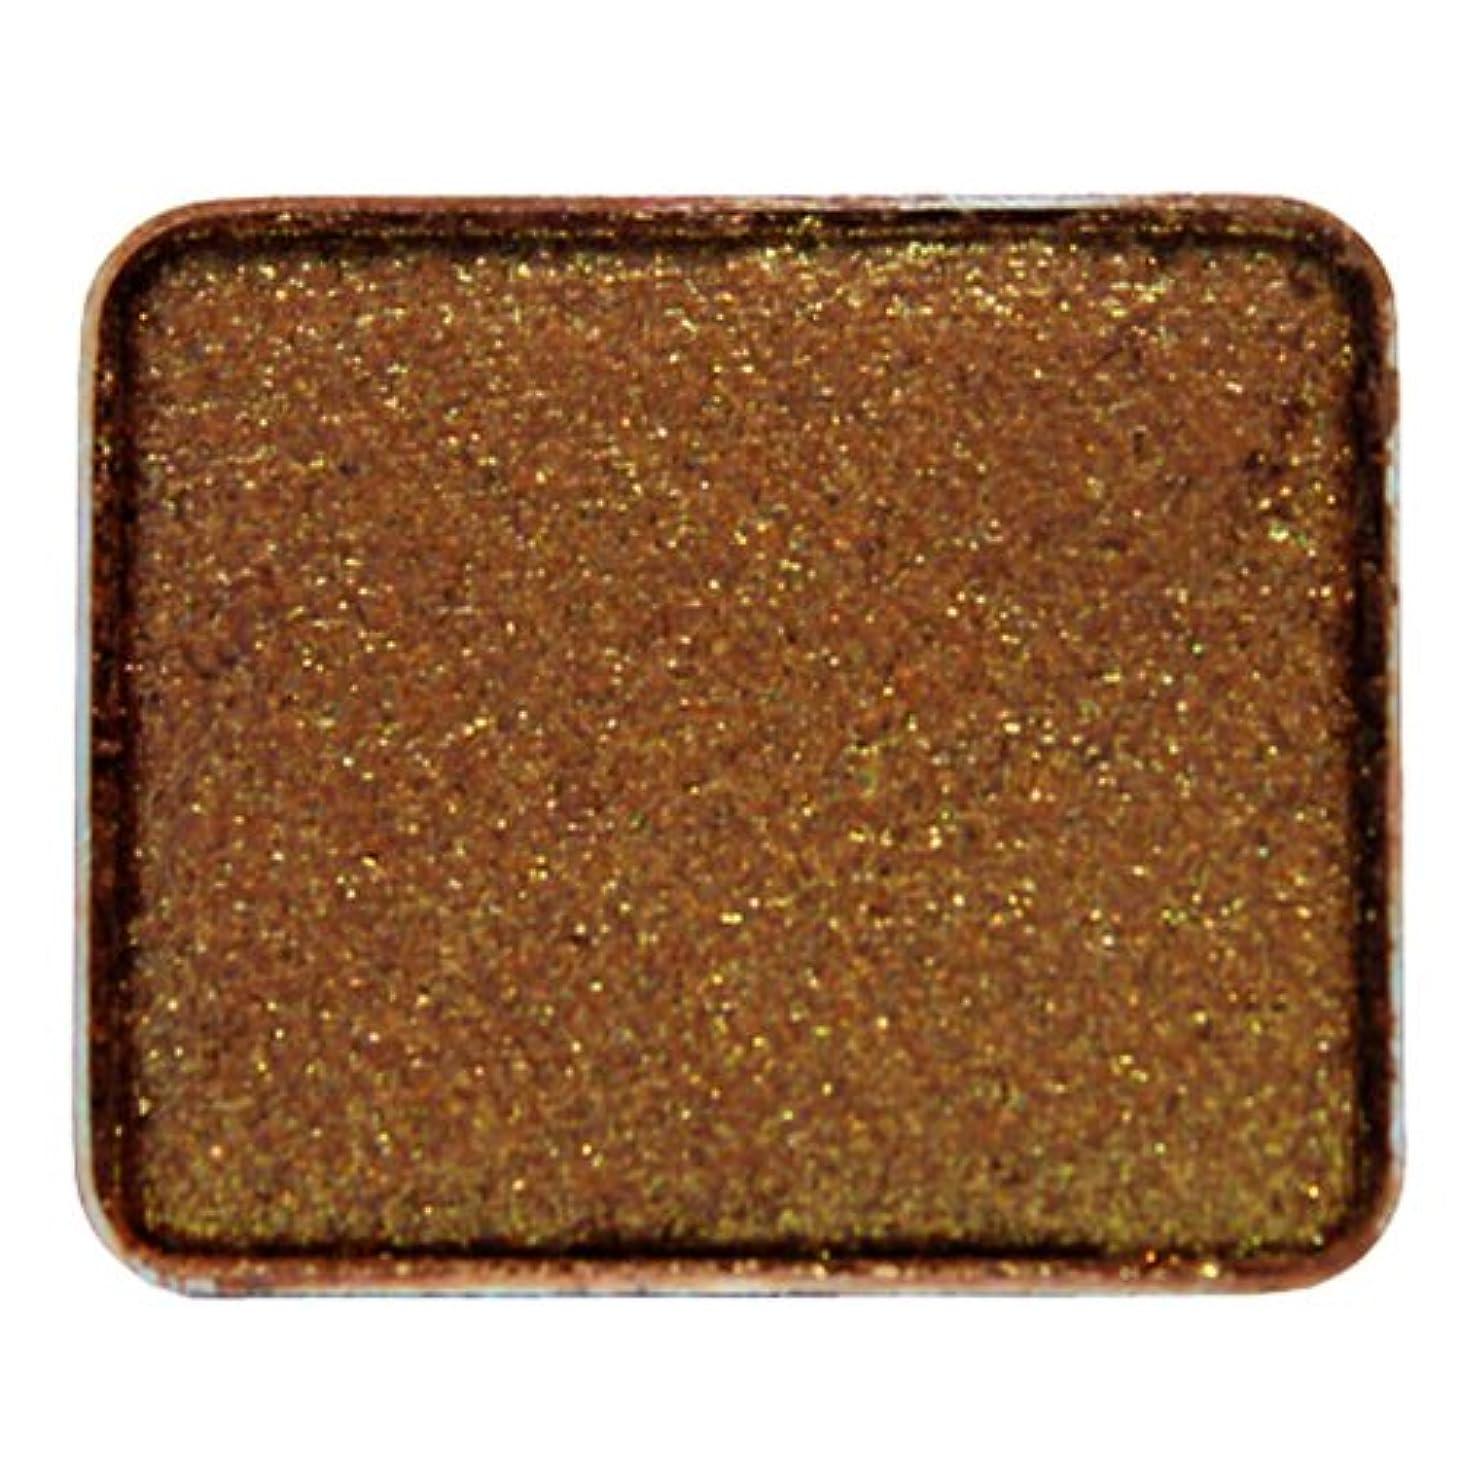 原始的なマオリブロープレスド アイシャドー (レフィル) P ミディアムブラウン 875